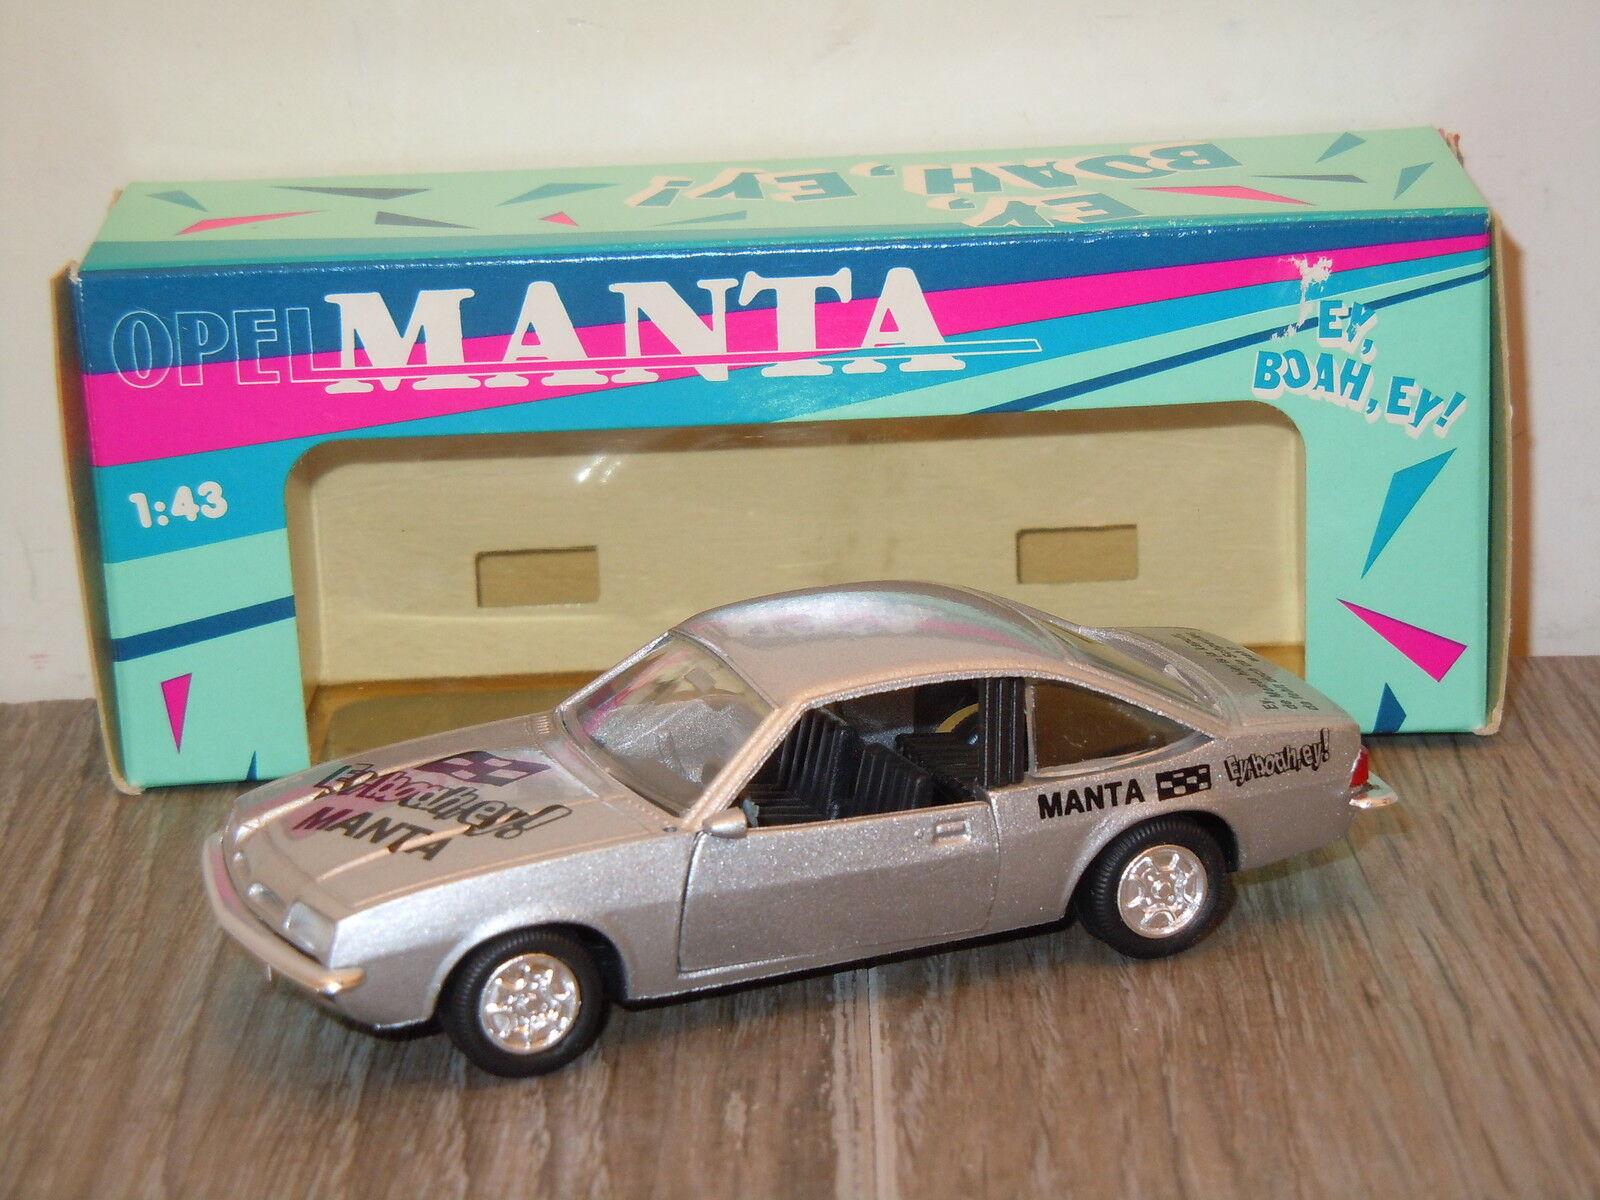 Opel Manta B Ey,Boah,Ey  van Praline 1 43 in Box 12306